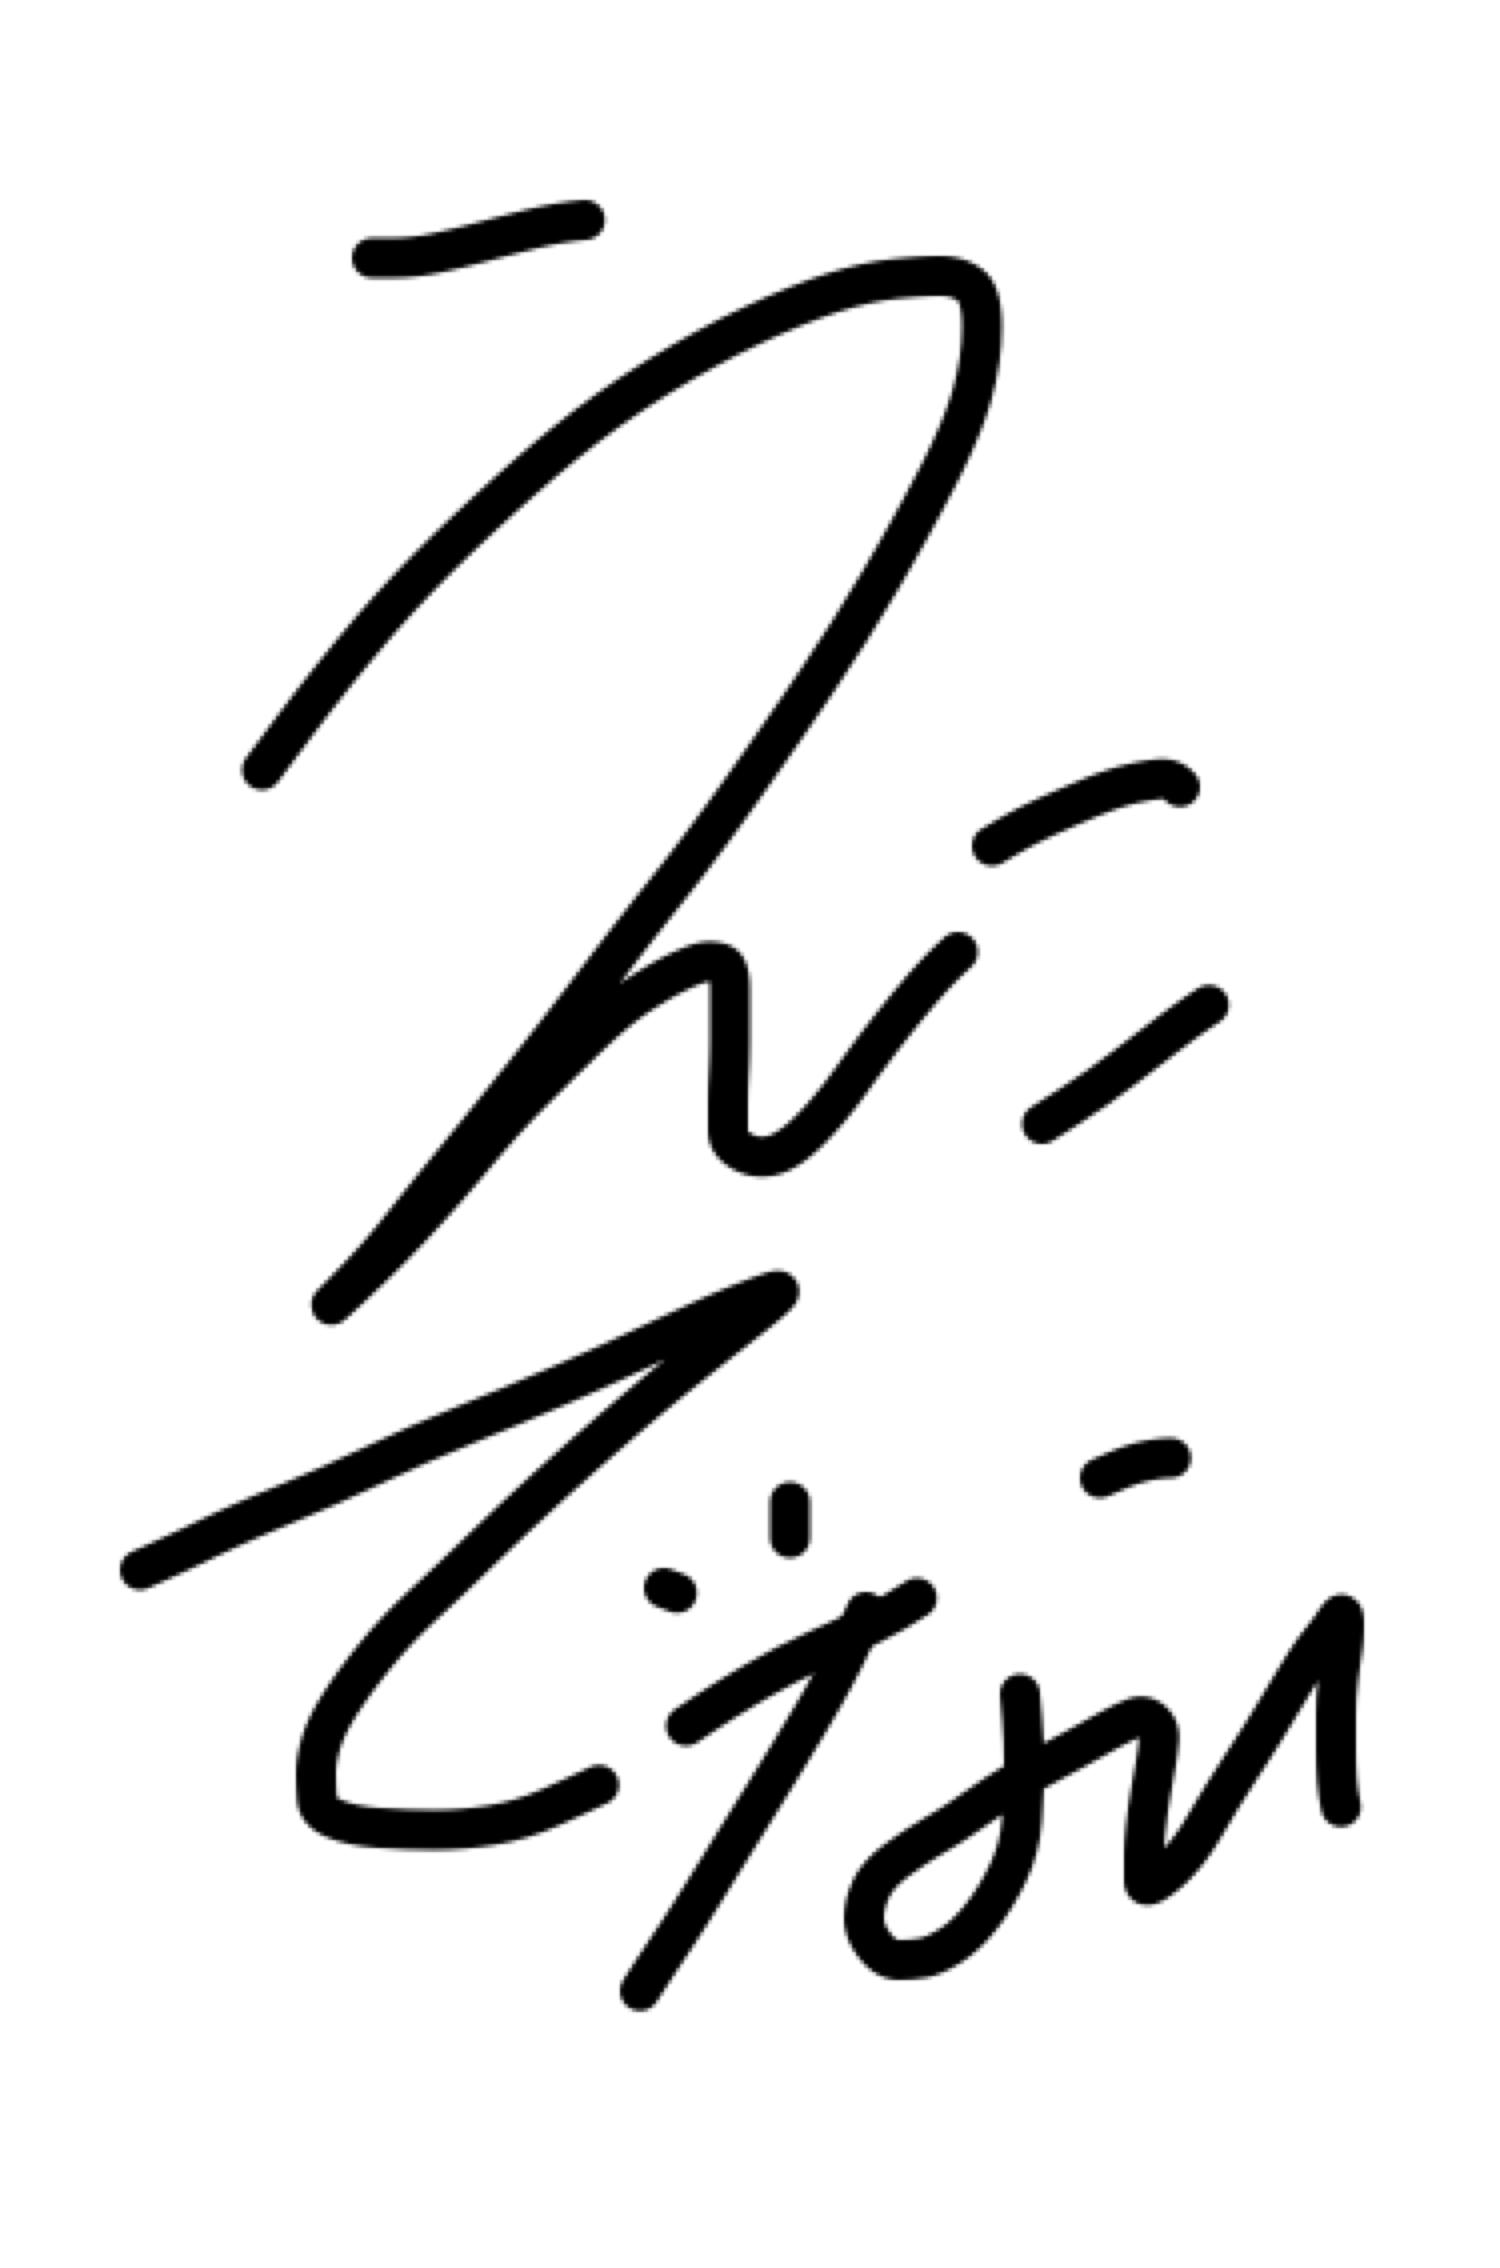 心の叫びをサインっぽく書いてみる!